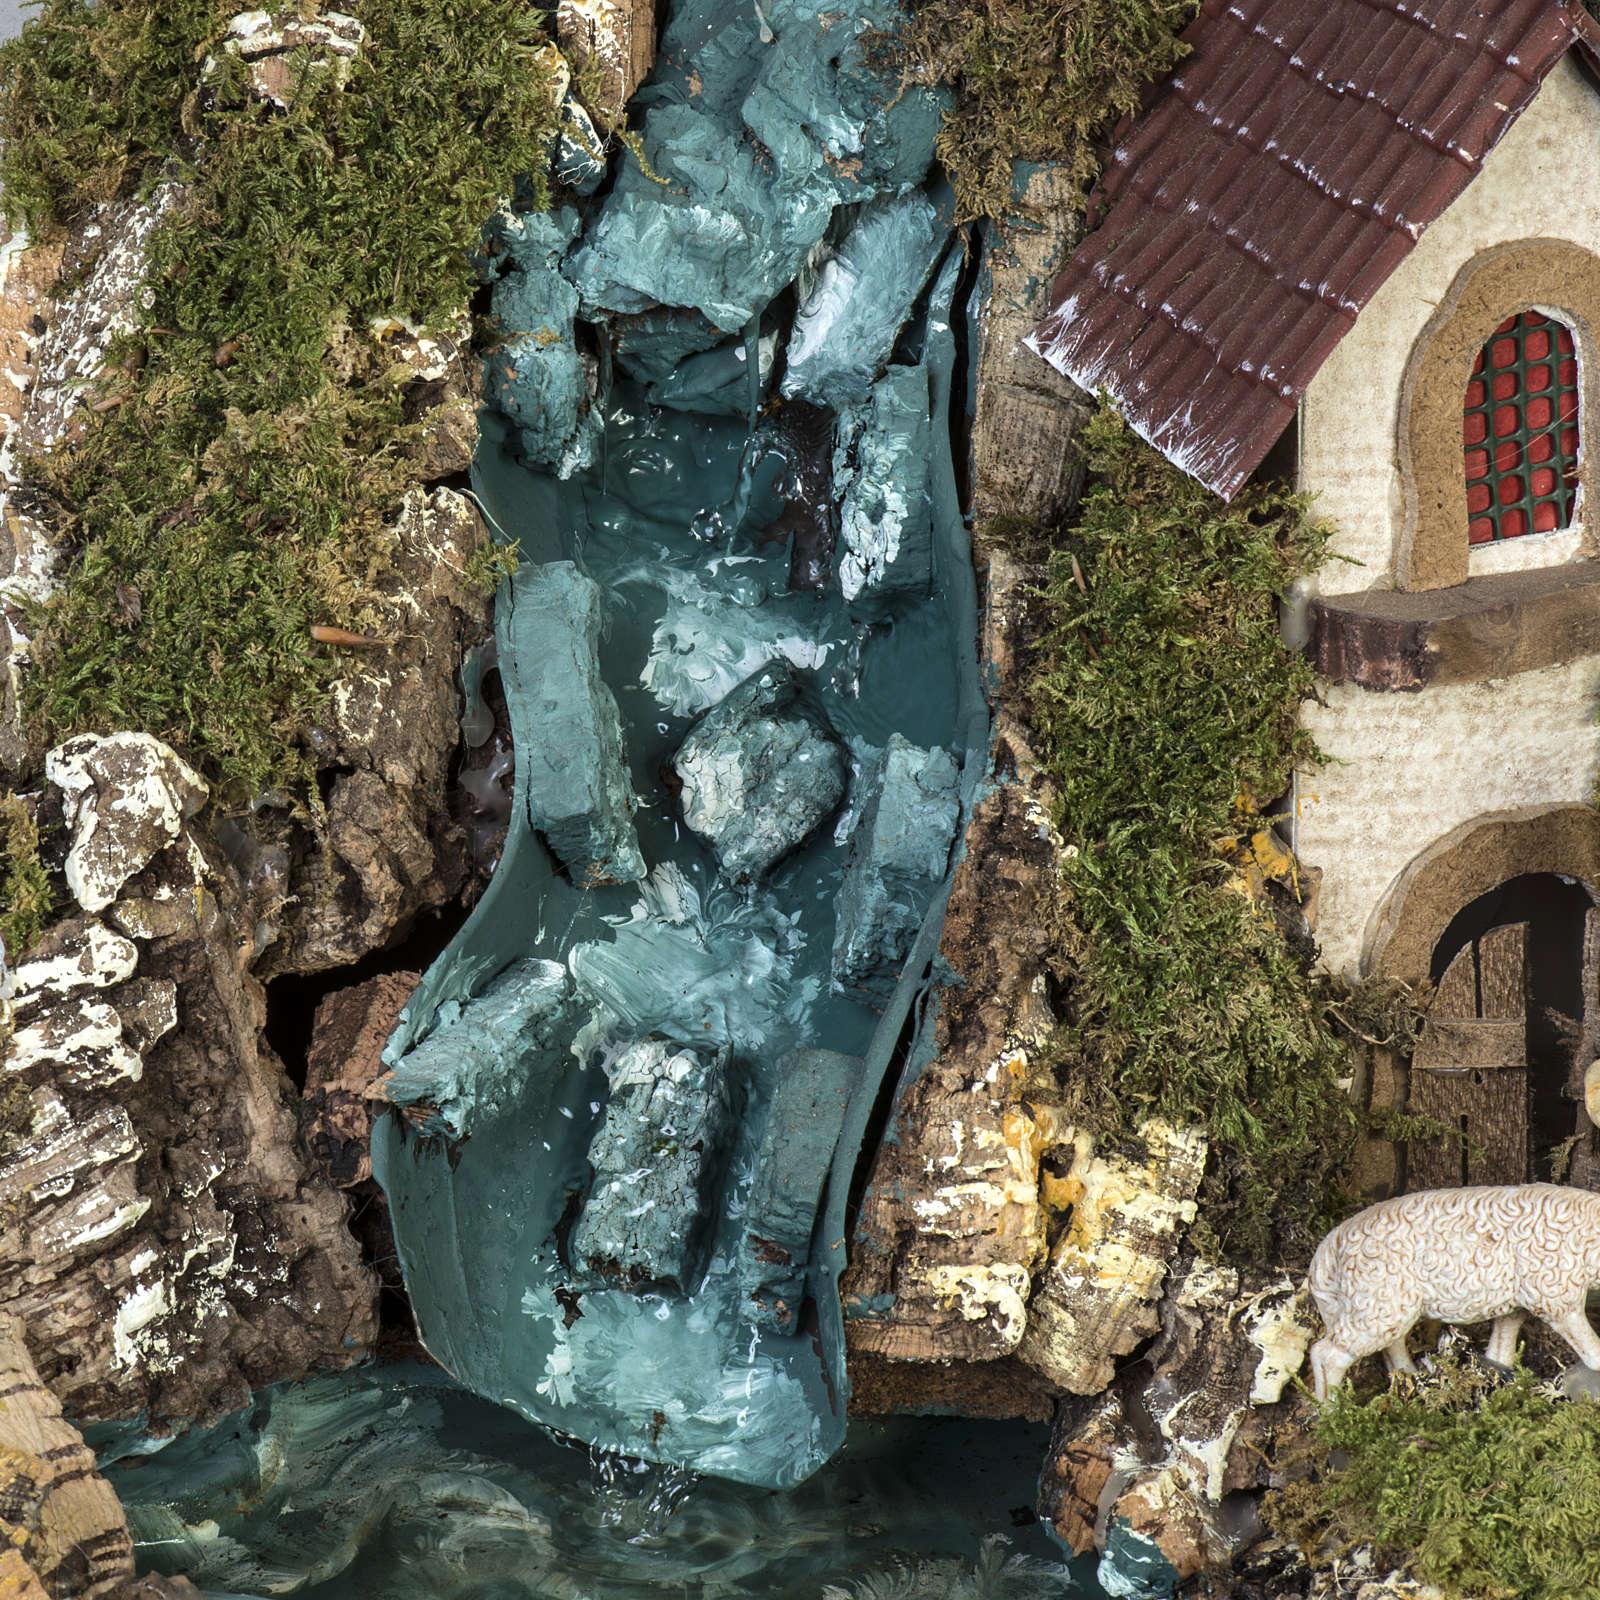 Borgo illuminato presepe con capanna, cascate, mulino 4